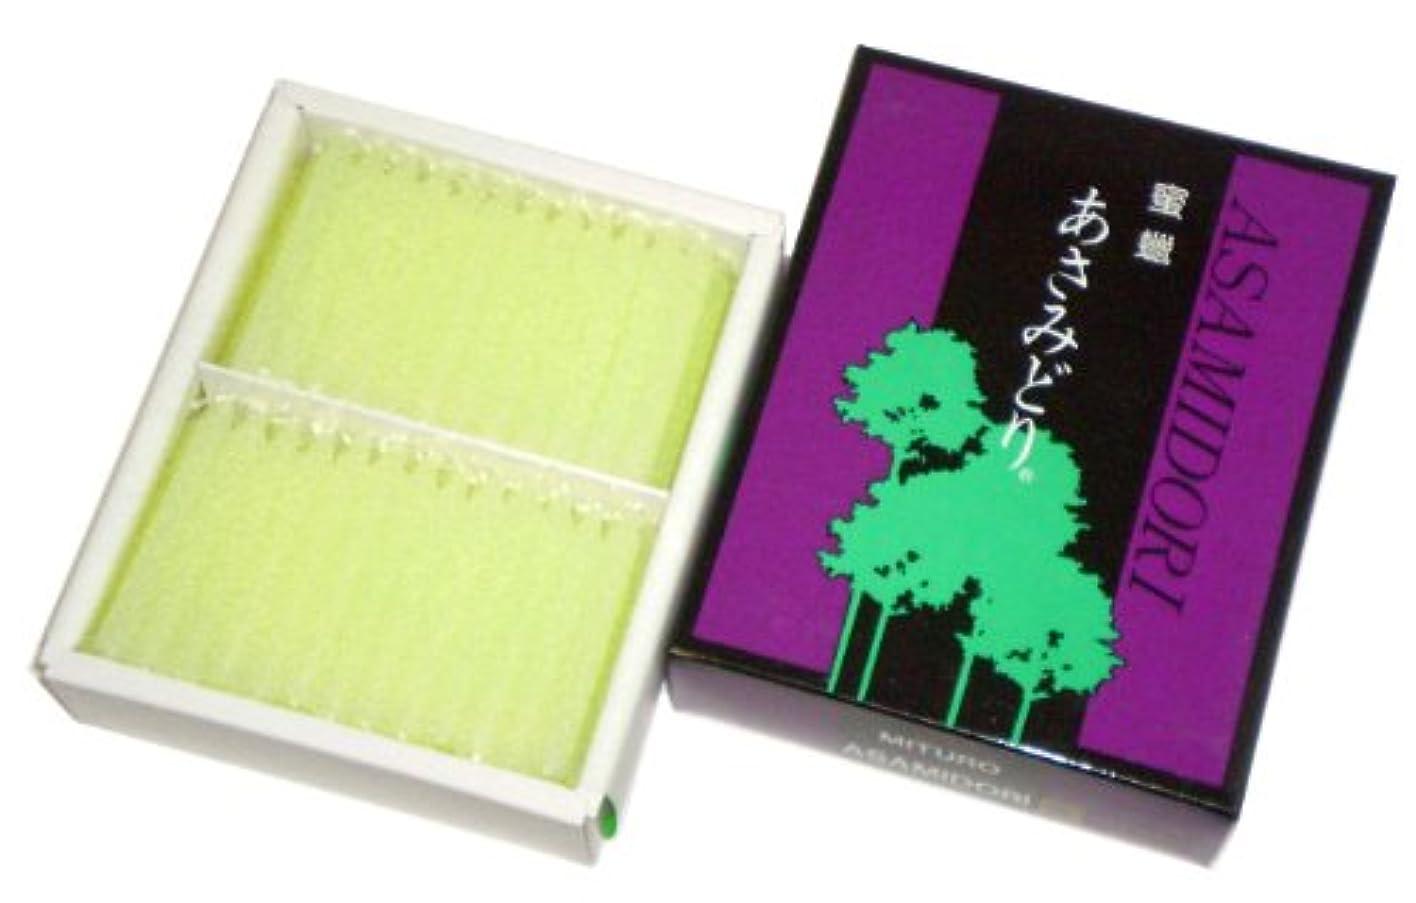 アートバケツ予定鳥居のローソク 蜜蝋 あさみどり 太ダルマ130本入(金印) #100501